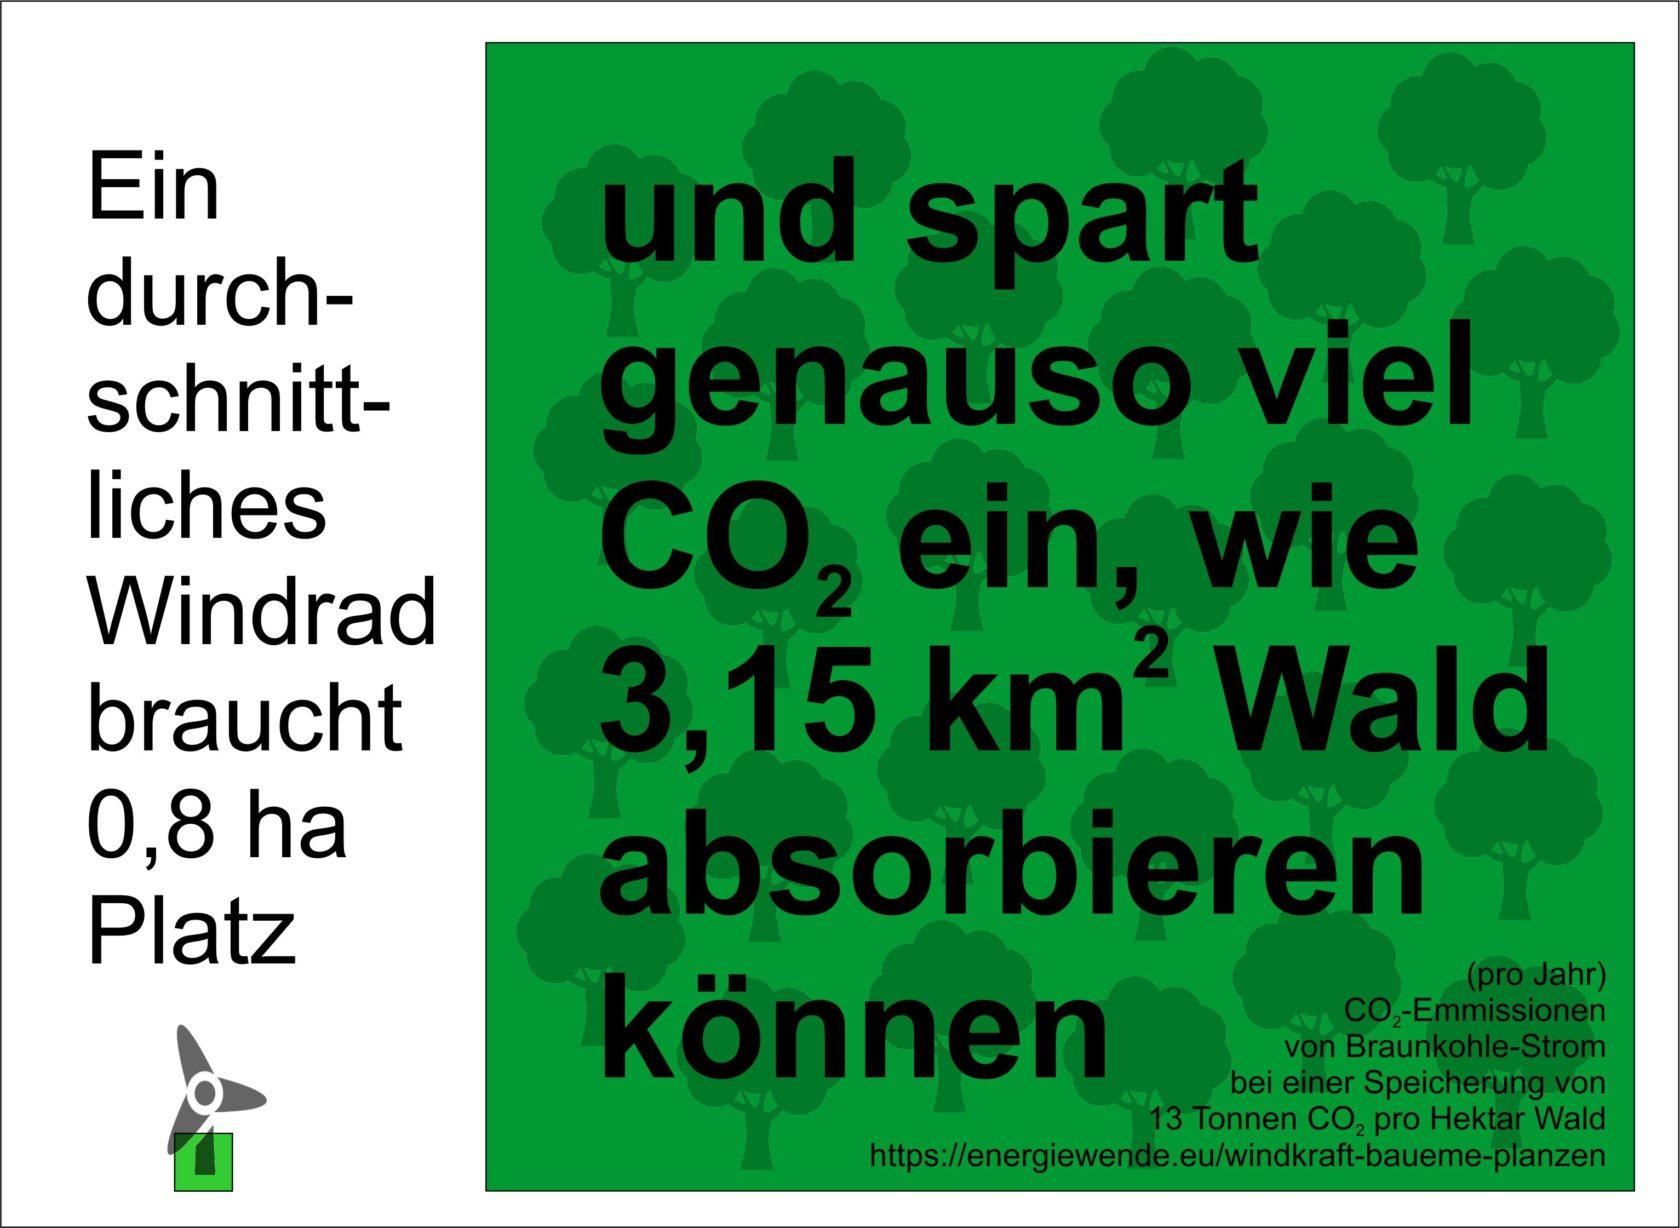 CO2-Vergleich Windrad / Bäume